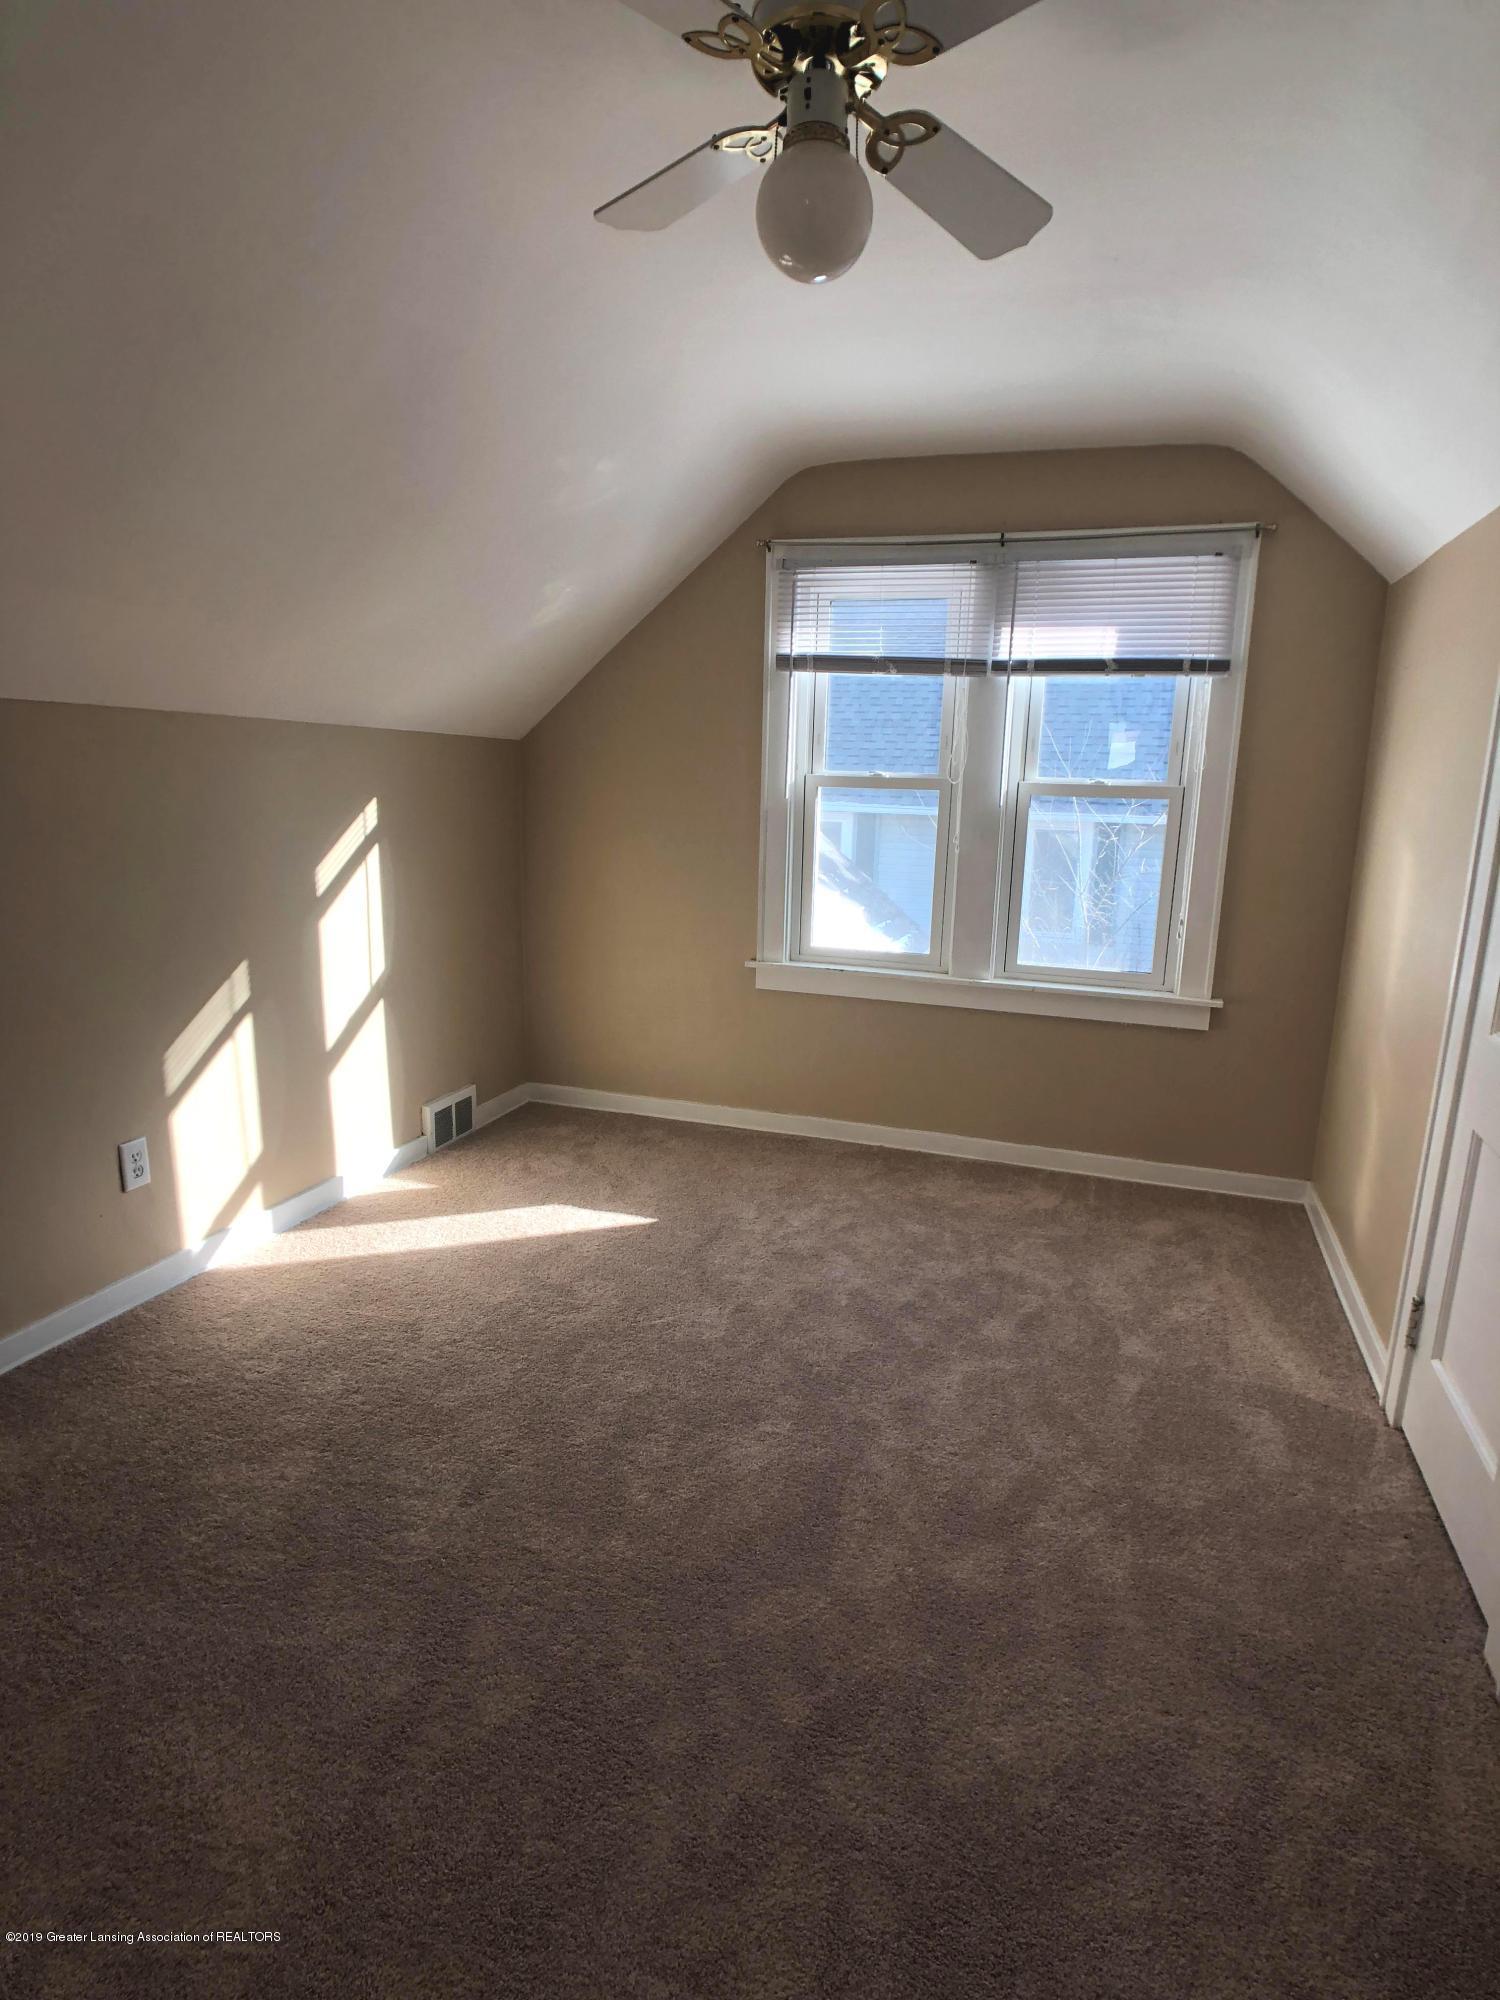 206 E Main St - Bedroom #3 - 16